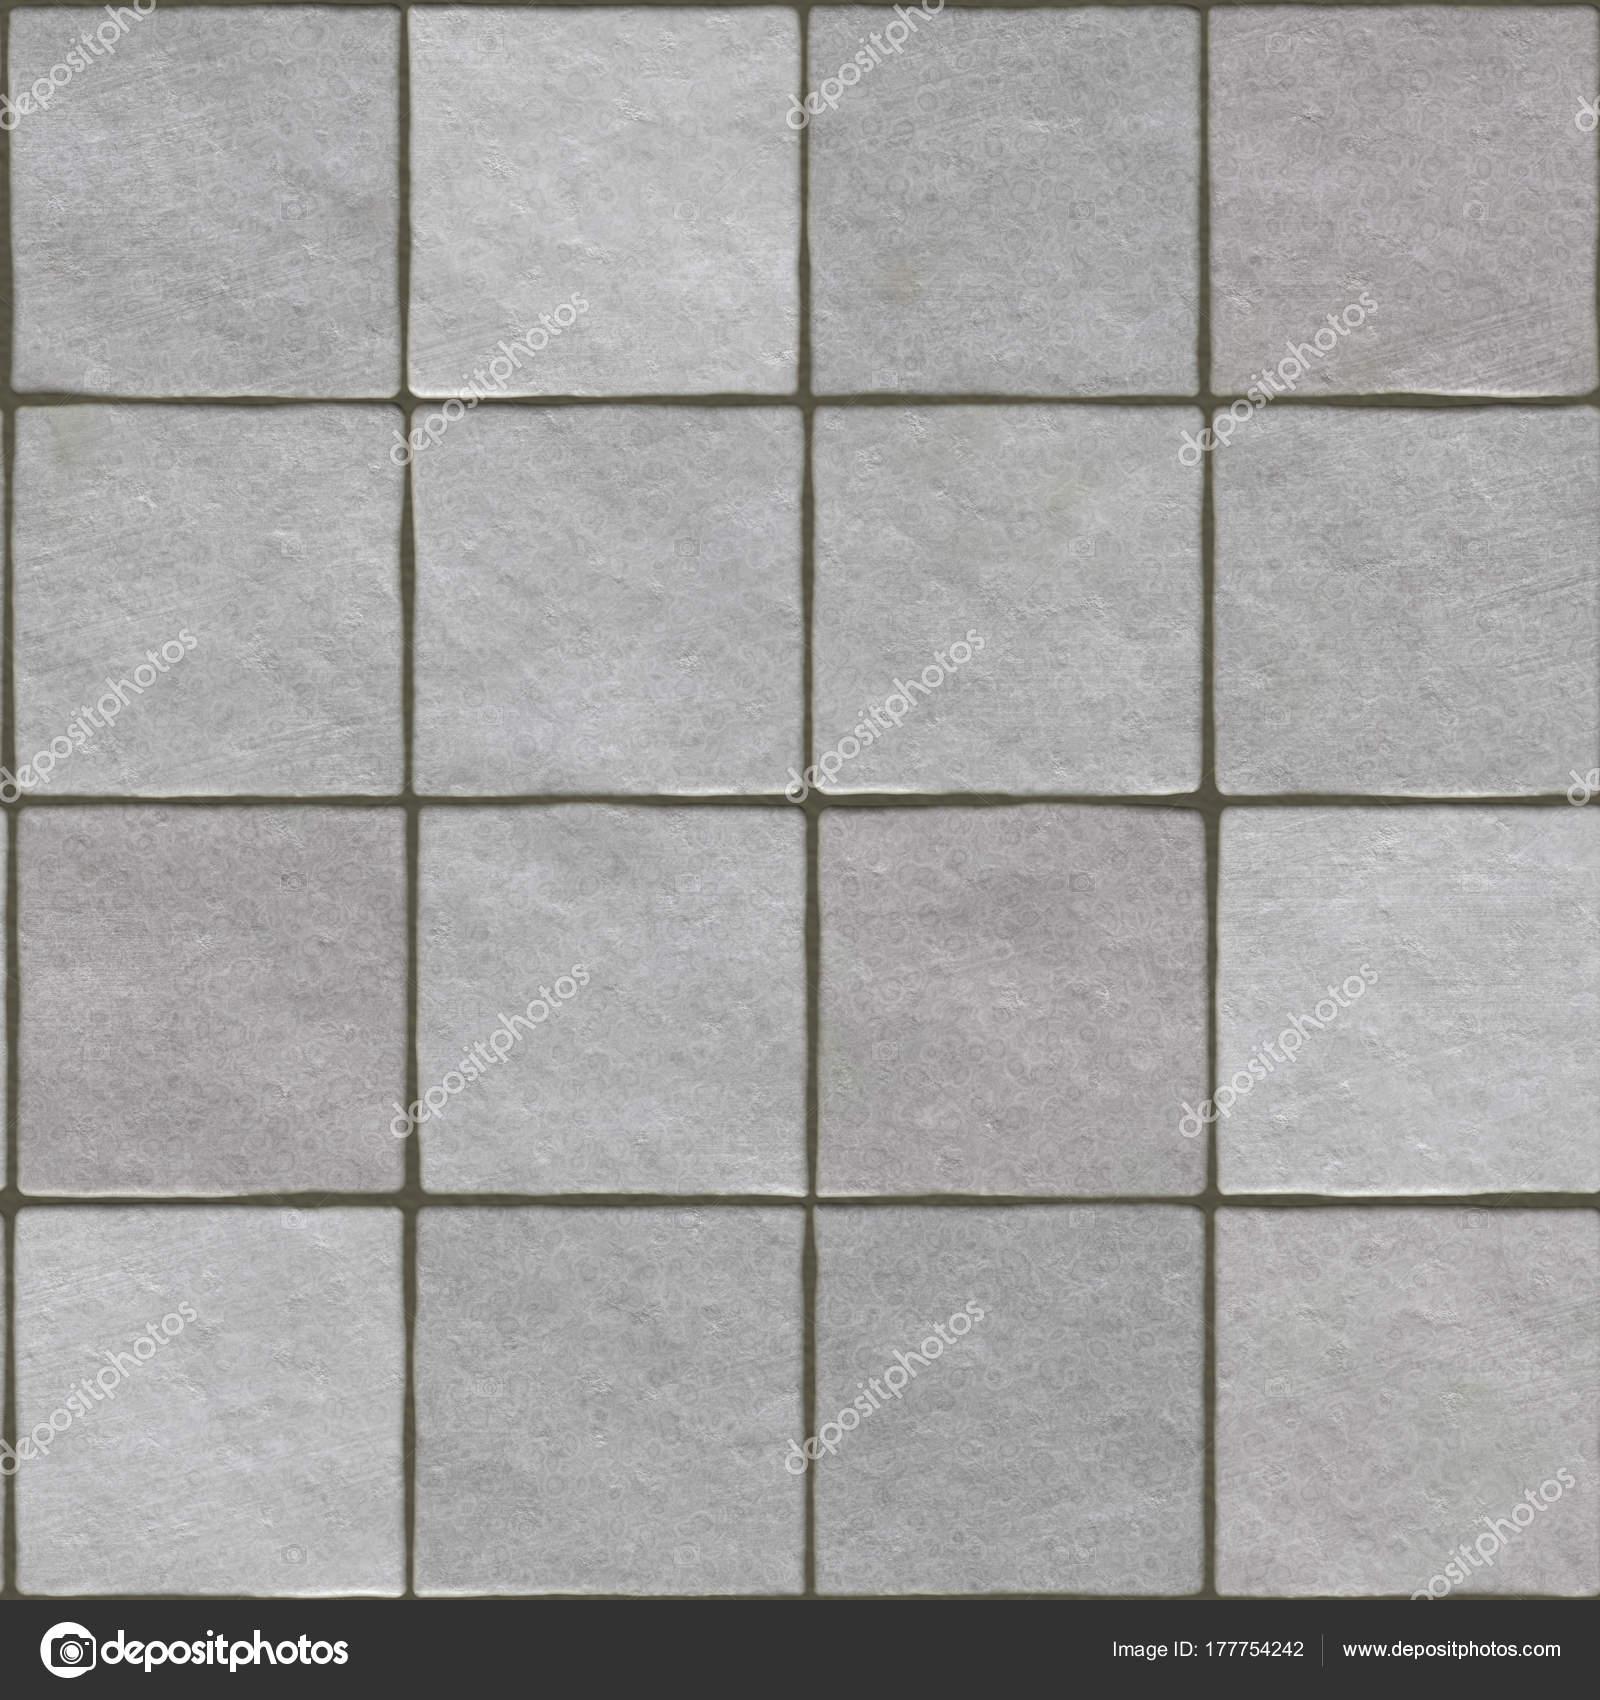 Abstrakte Nahtlose Grauen Fliesen Textur Stockfoto C Magann 177754242